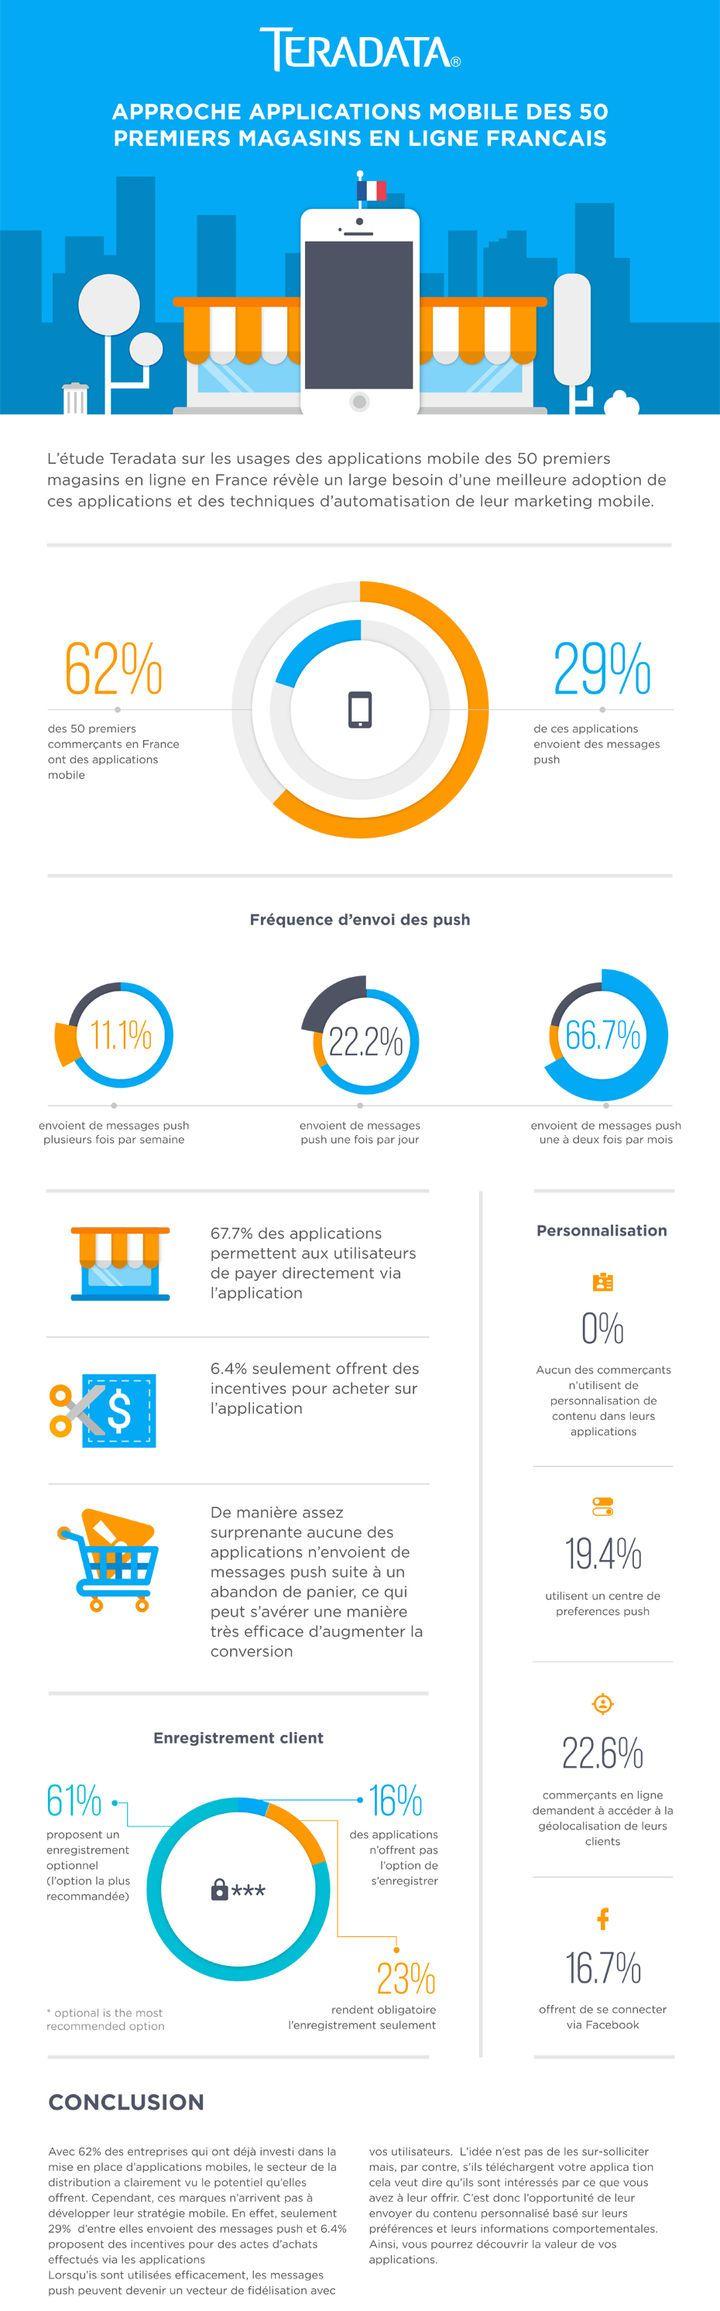 M-Commerce : zéro pointé en personnalisation ! [Infographie]